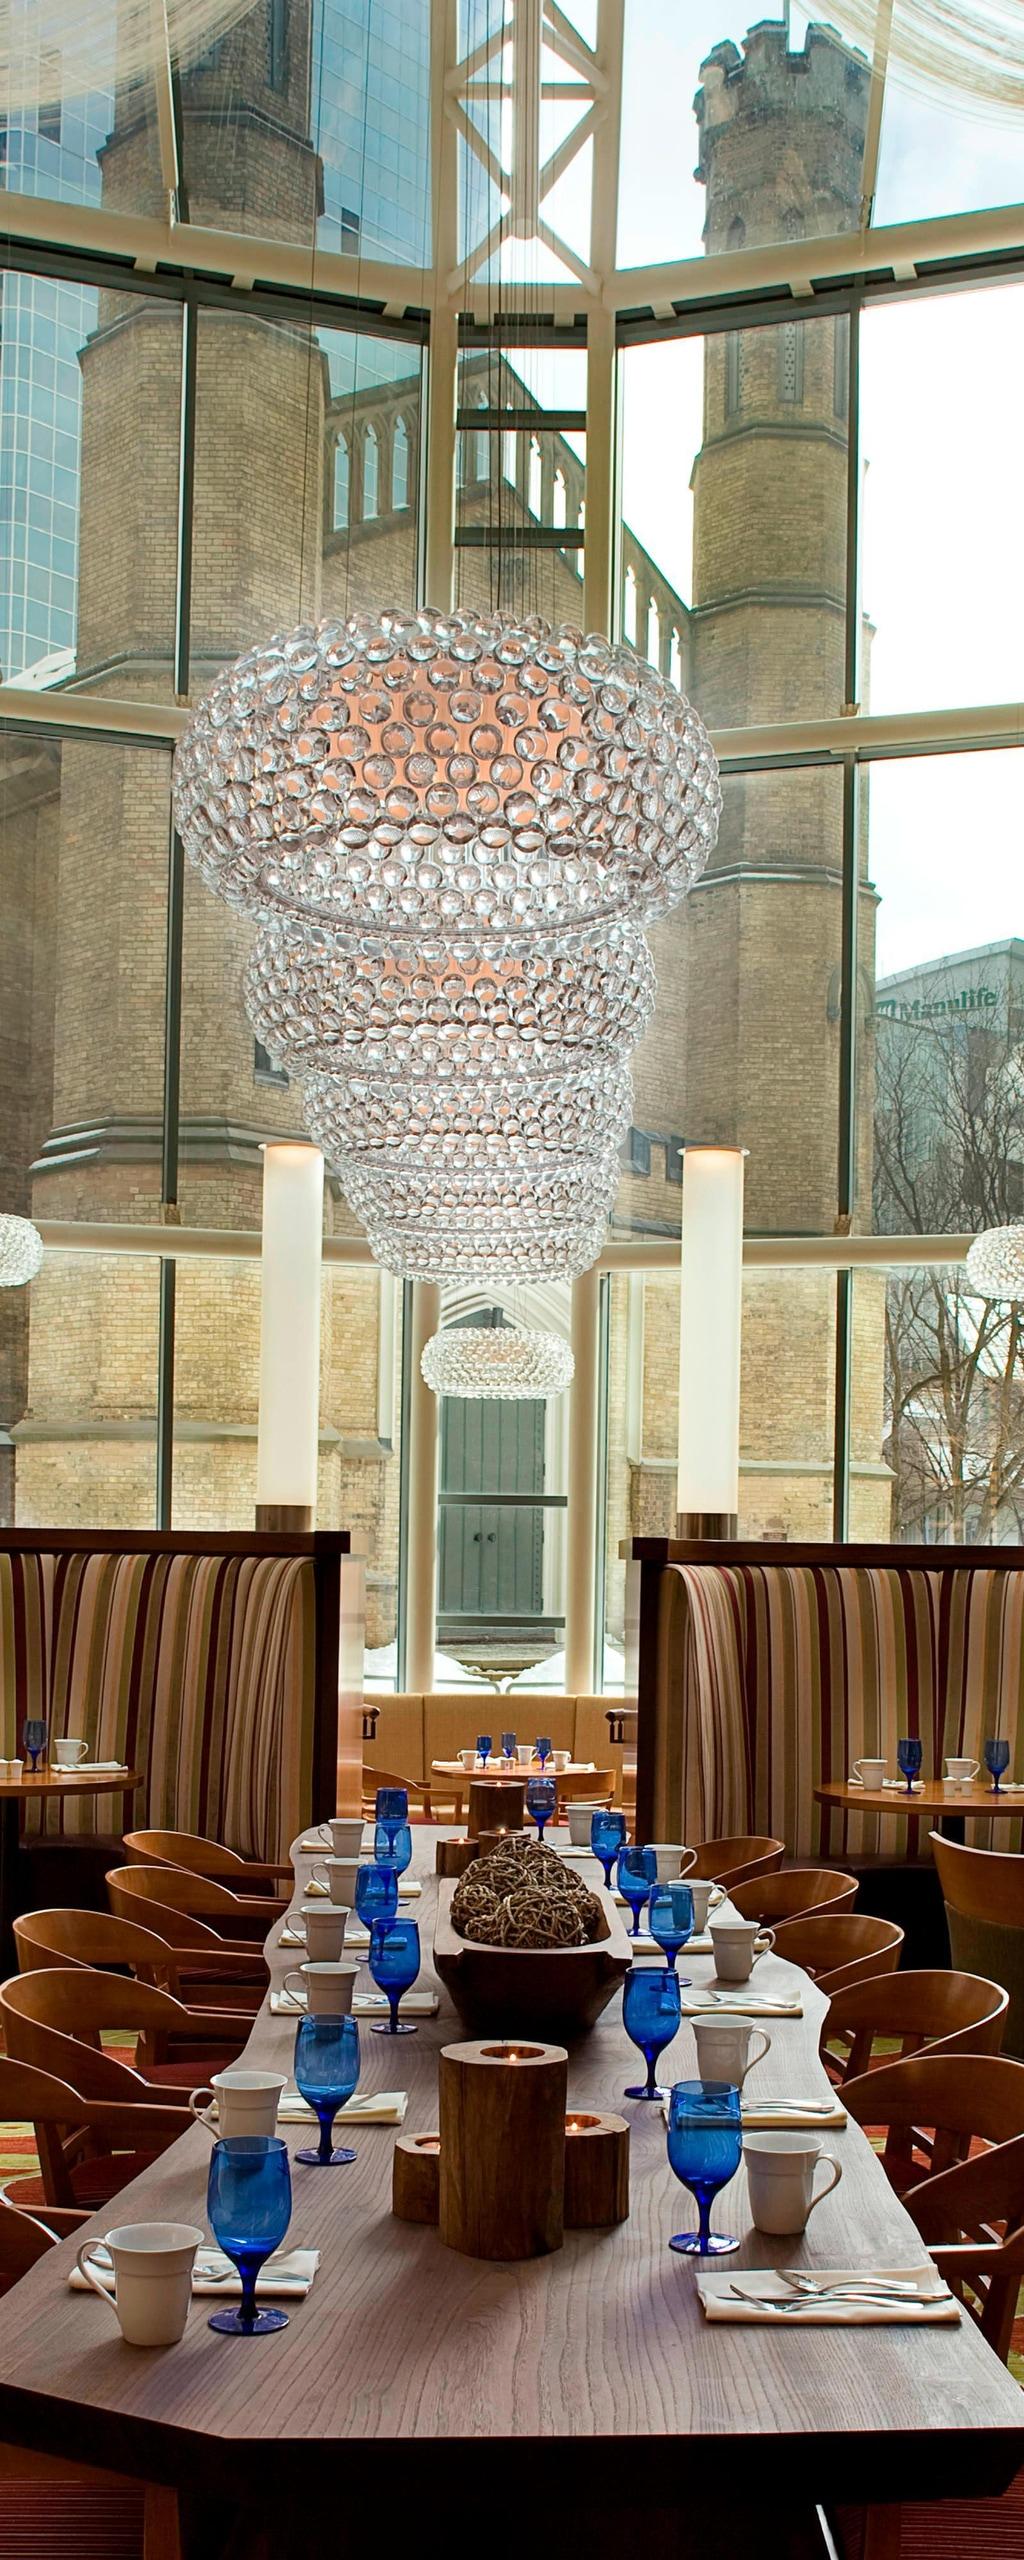 Restaurant im Eaton Centre in Toronto